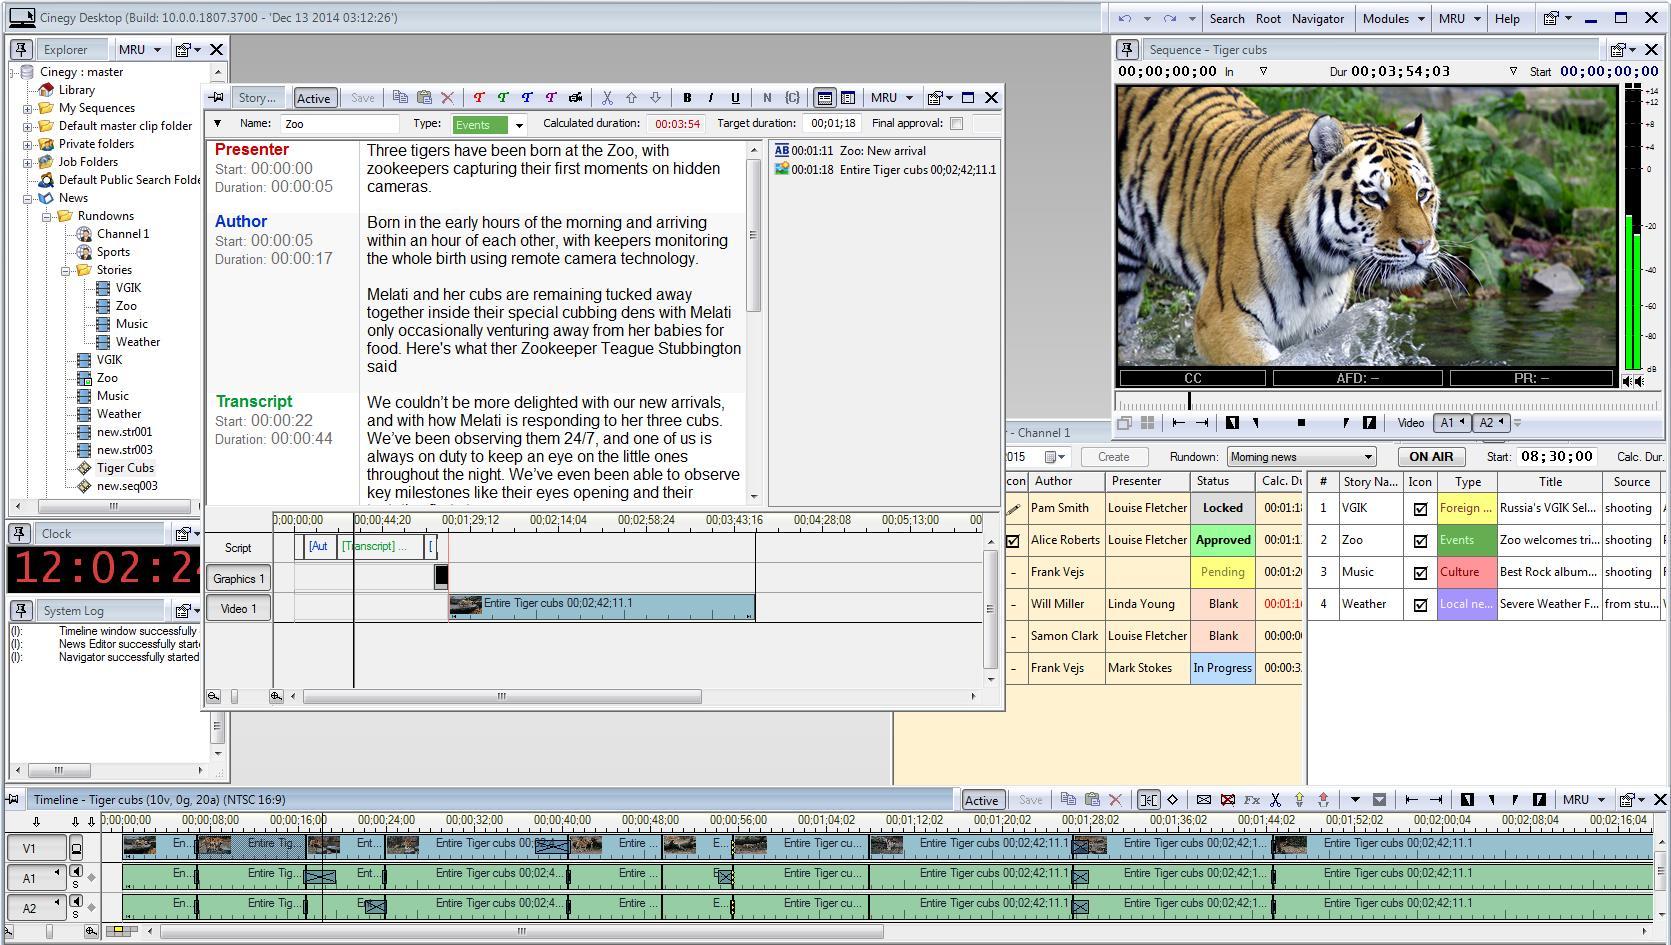 Интерфейс клиентского модуля Cinegy Desktop - подготовка новостного сюжета